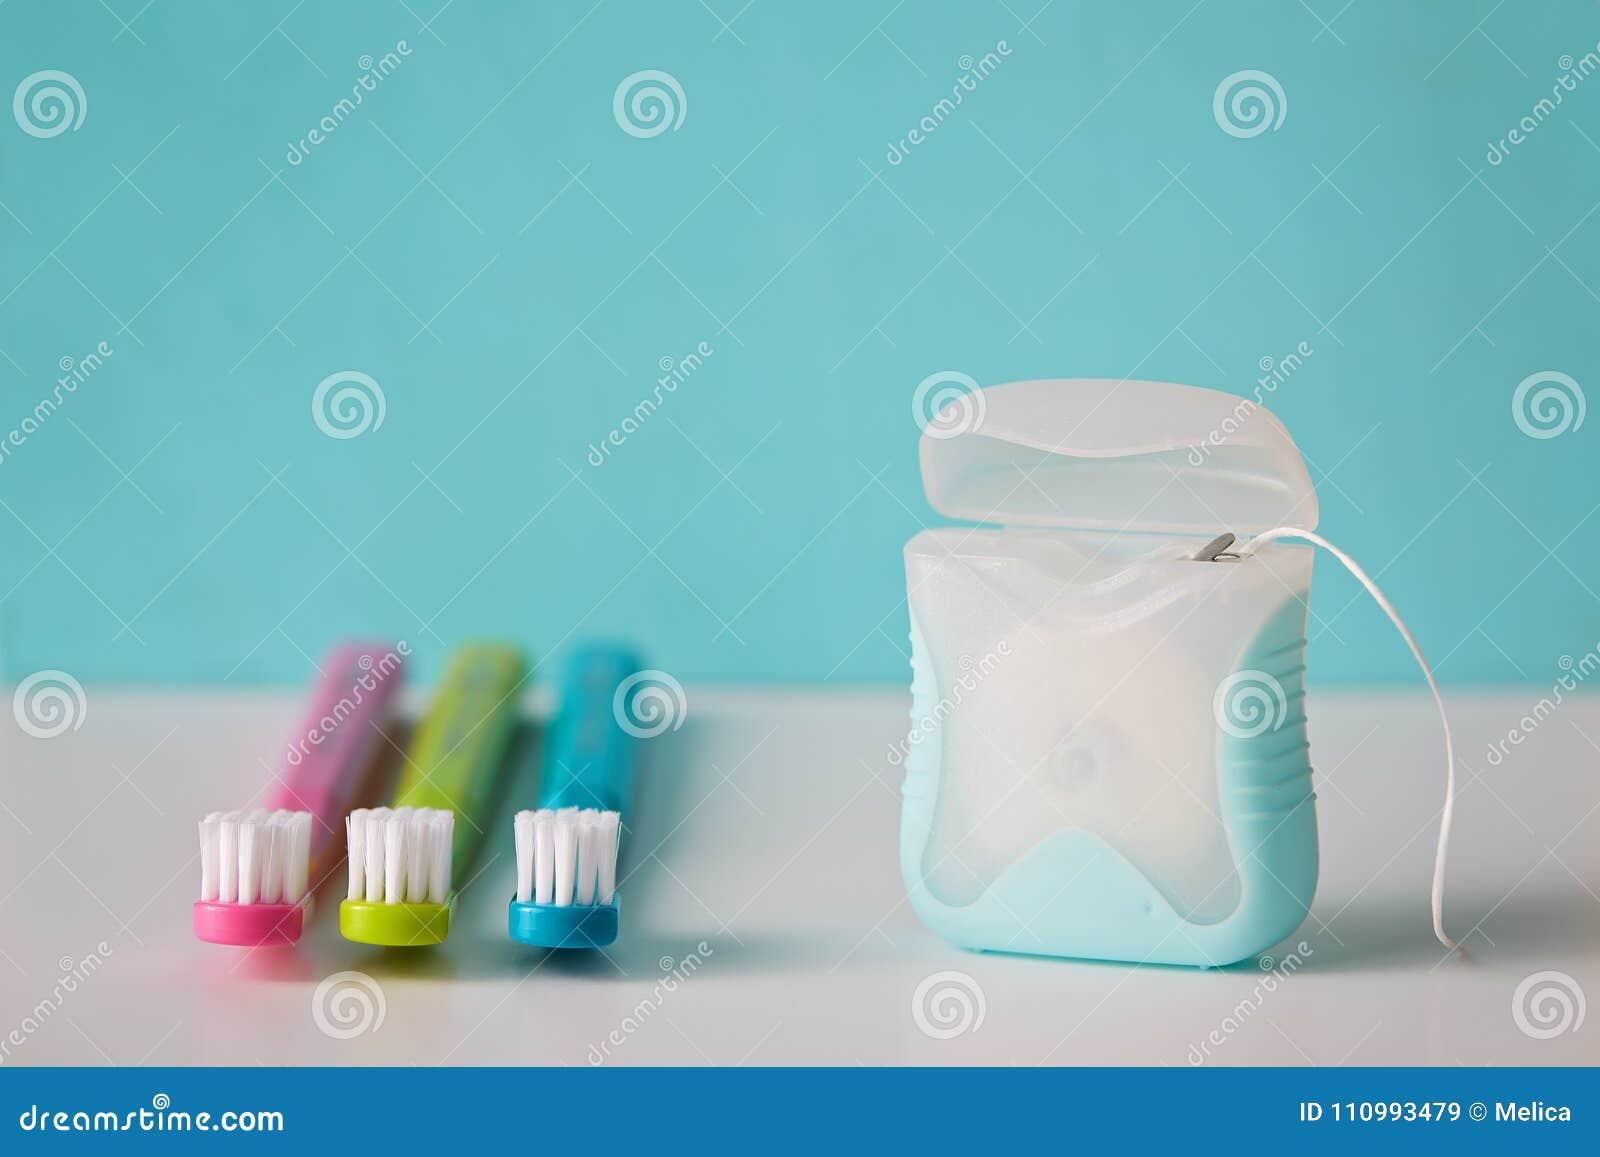 Cepillos de dientes coloridos y seda dental